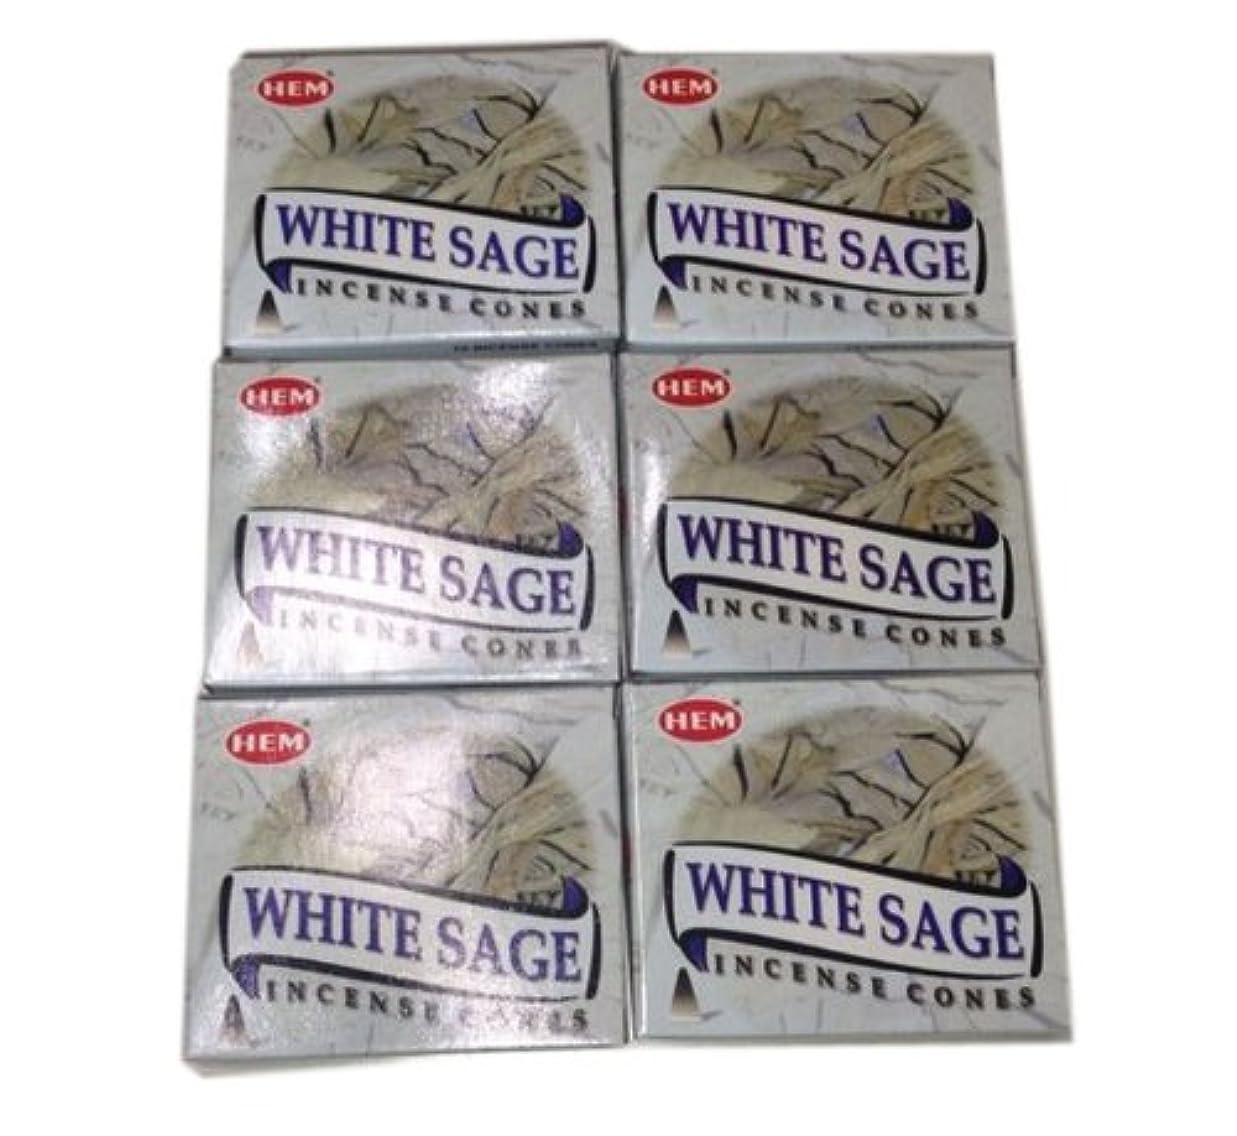 シーンクレアヒゲお香コーンタイプ ホワイトセージ 60個入り